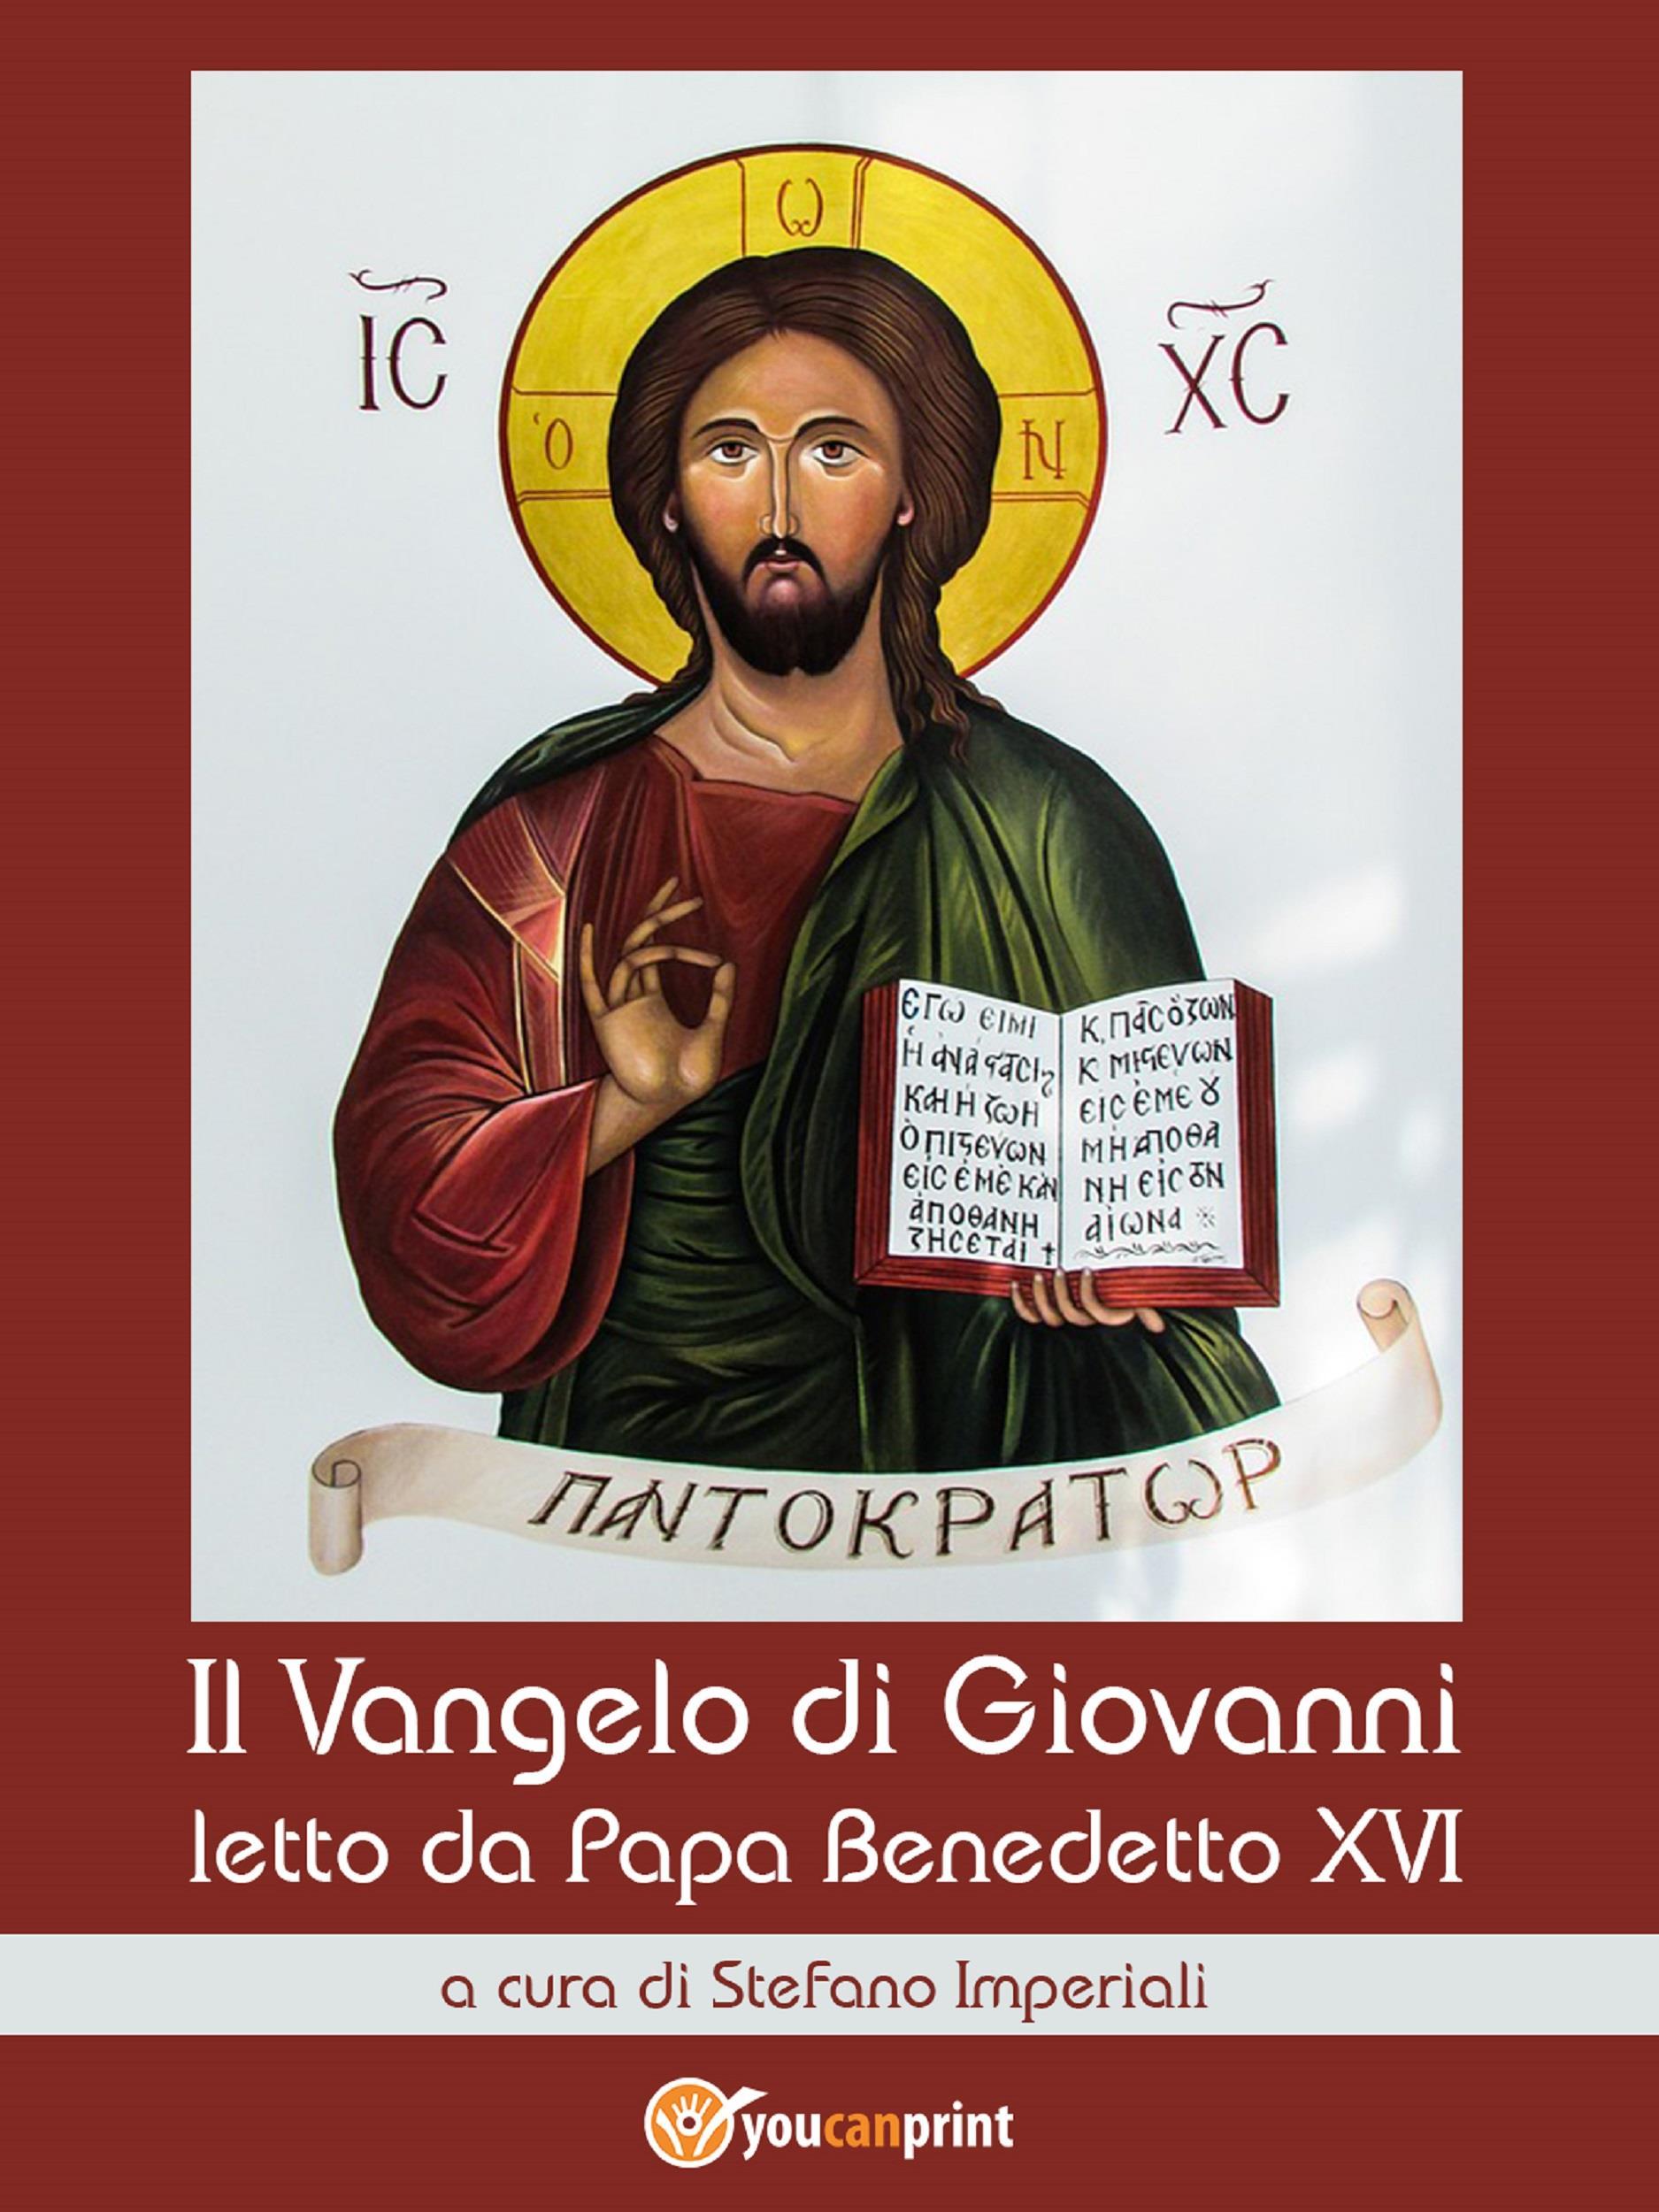 Il Vangelo di Giovanni letto da Papa Benedetto XVI